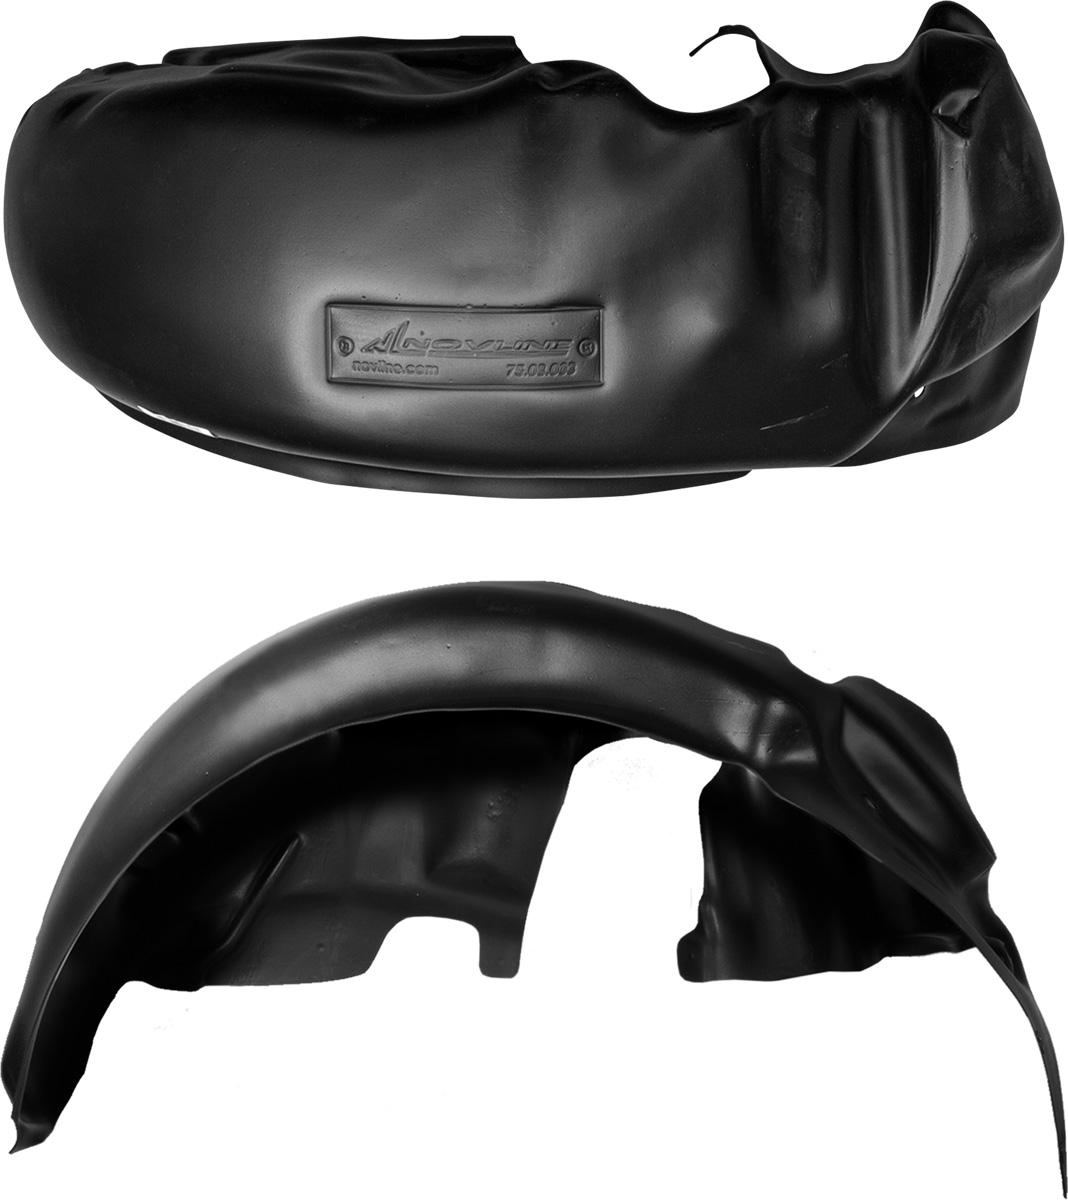 Подкрылок CHEVROLET NIVA 2009-2013, задний правыйNLL.52.17.004Колесные ниши – одни из самых уязвимых зон днища вашего автомобиля. Они постоянно подвергаются воздействию со стороны дороги. Лучшая, почти абсолютная защита для них - специально отформованные пластиковые кожухи, которые называются подкрылками, или локерами. Производятся они как для отечественных моделей автомобилей, так и для иномарок. Подкрылки выполнены из высококачественного, экологически чистого пластика. Обеспечивают надежную защиту кузова автомобиля от пескоструйного эффекта и негативного влияния, агрессивных антигололедных реагентов. Пластик обладает более низкой теплопроводностью, чем металл, поэтому в зимний период эксплуатации использование пластиковых подкрылков позволяет лучше защитить колесные ниши от налипания снега и образования наледи. Оригинальность конструкции подчеркивает элегантность автомобиля, бережно защищает нанесенное на днище кузова антикоррозийное покрытие и позволяет осуществить крепление подкрылков внутри колесной арки практически без дополнительного...